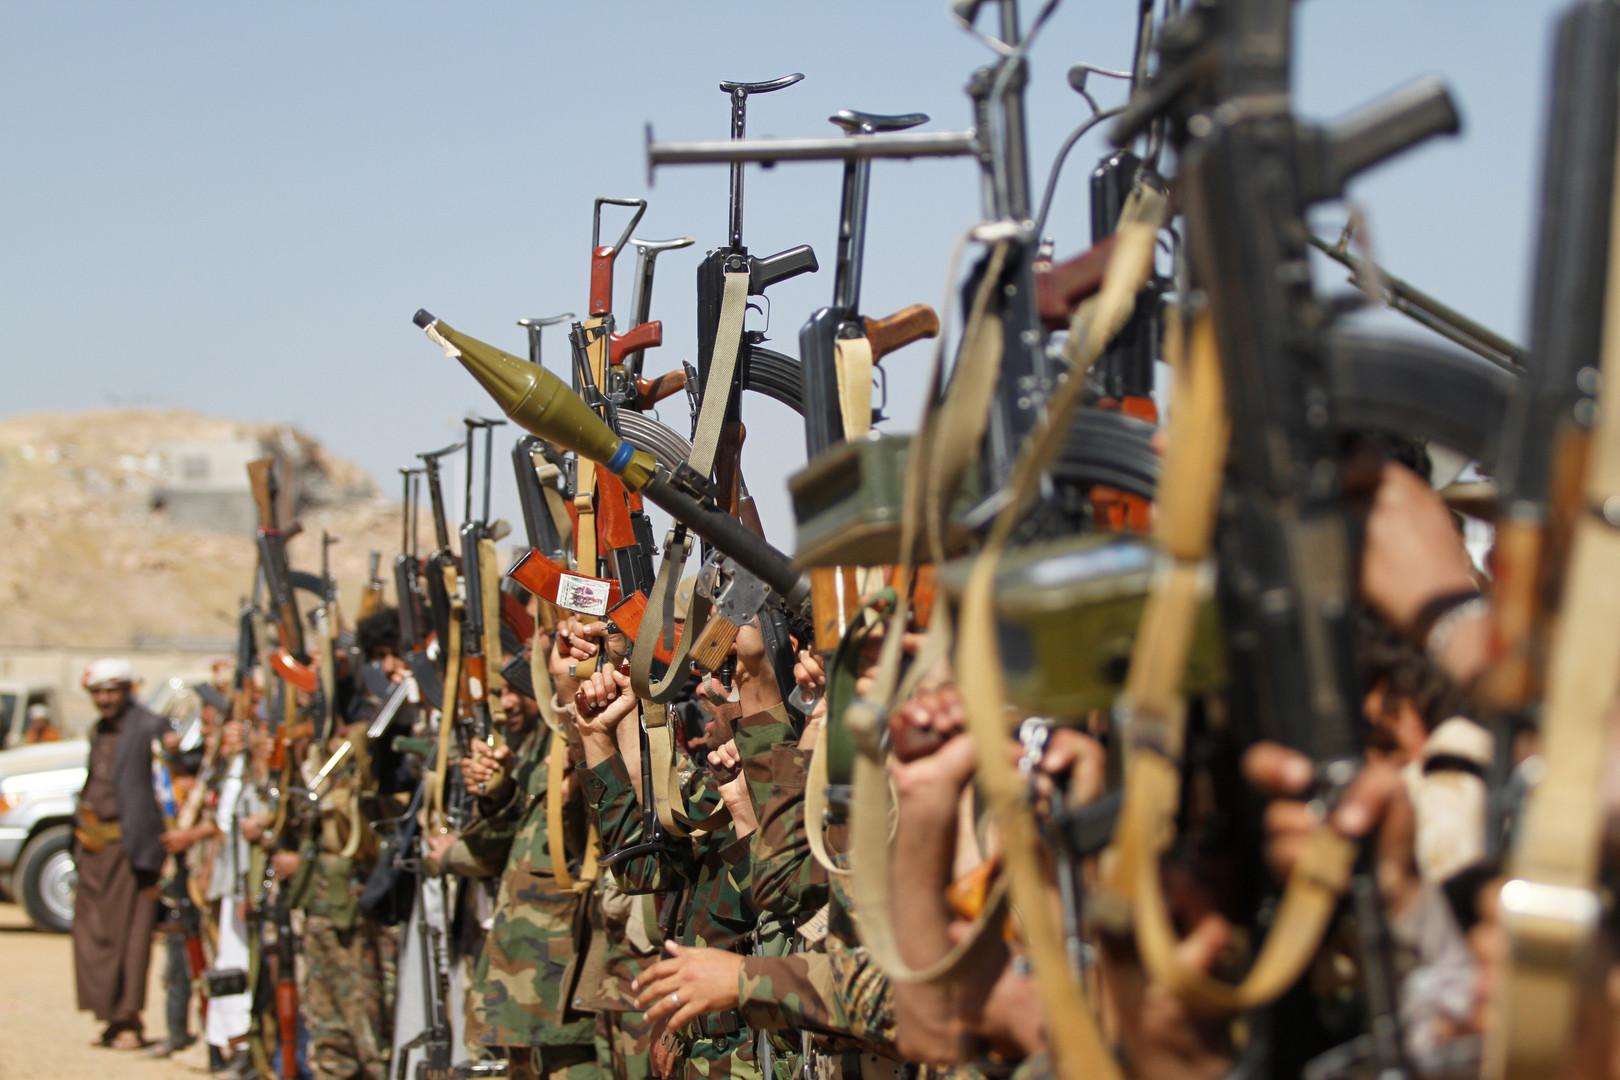 الحوثيون يعلنون سيطرتهم على أكثر من 20 موقعا عسكريا جنوبي السعودية